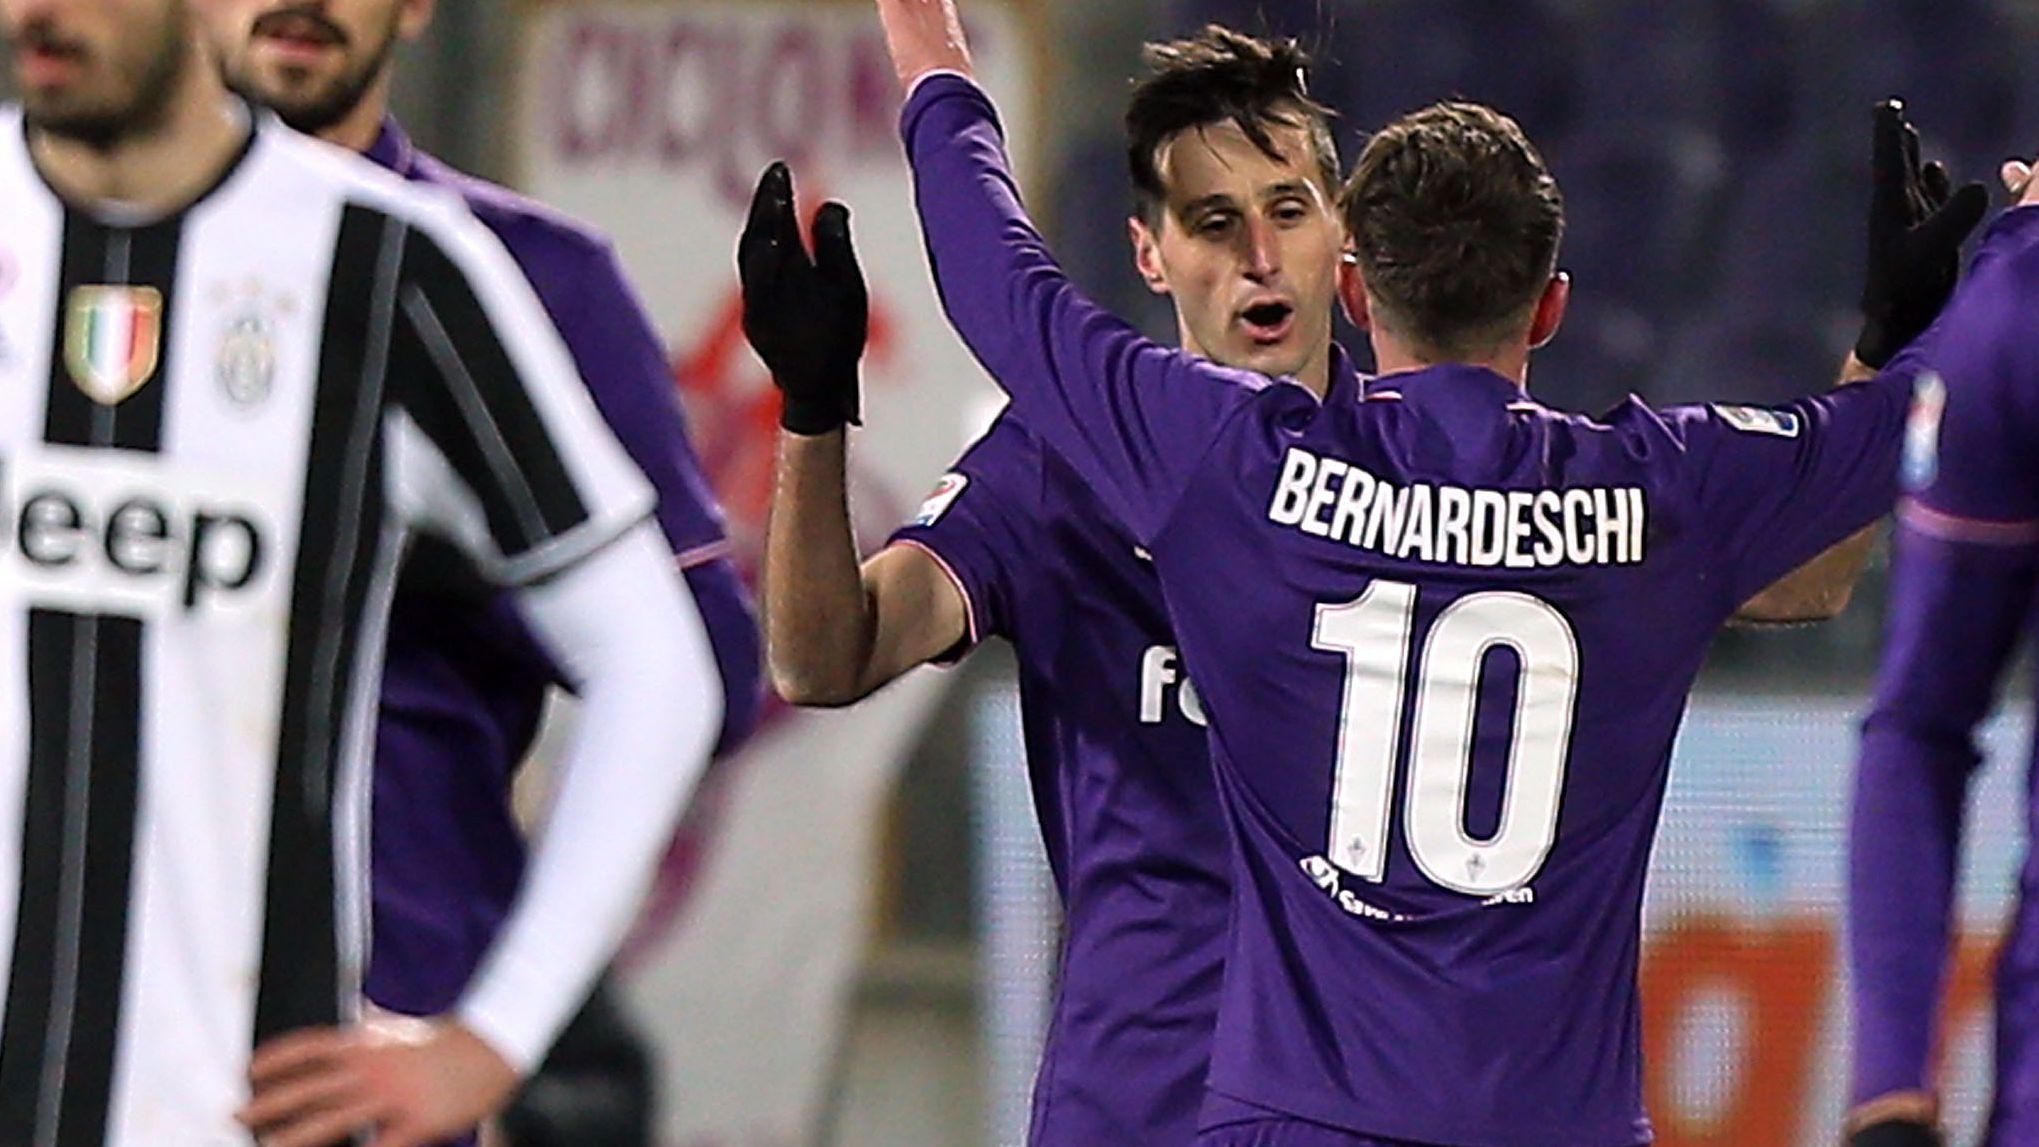 Fiorentina, Cognigni: